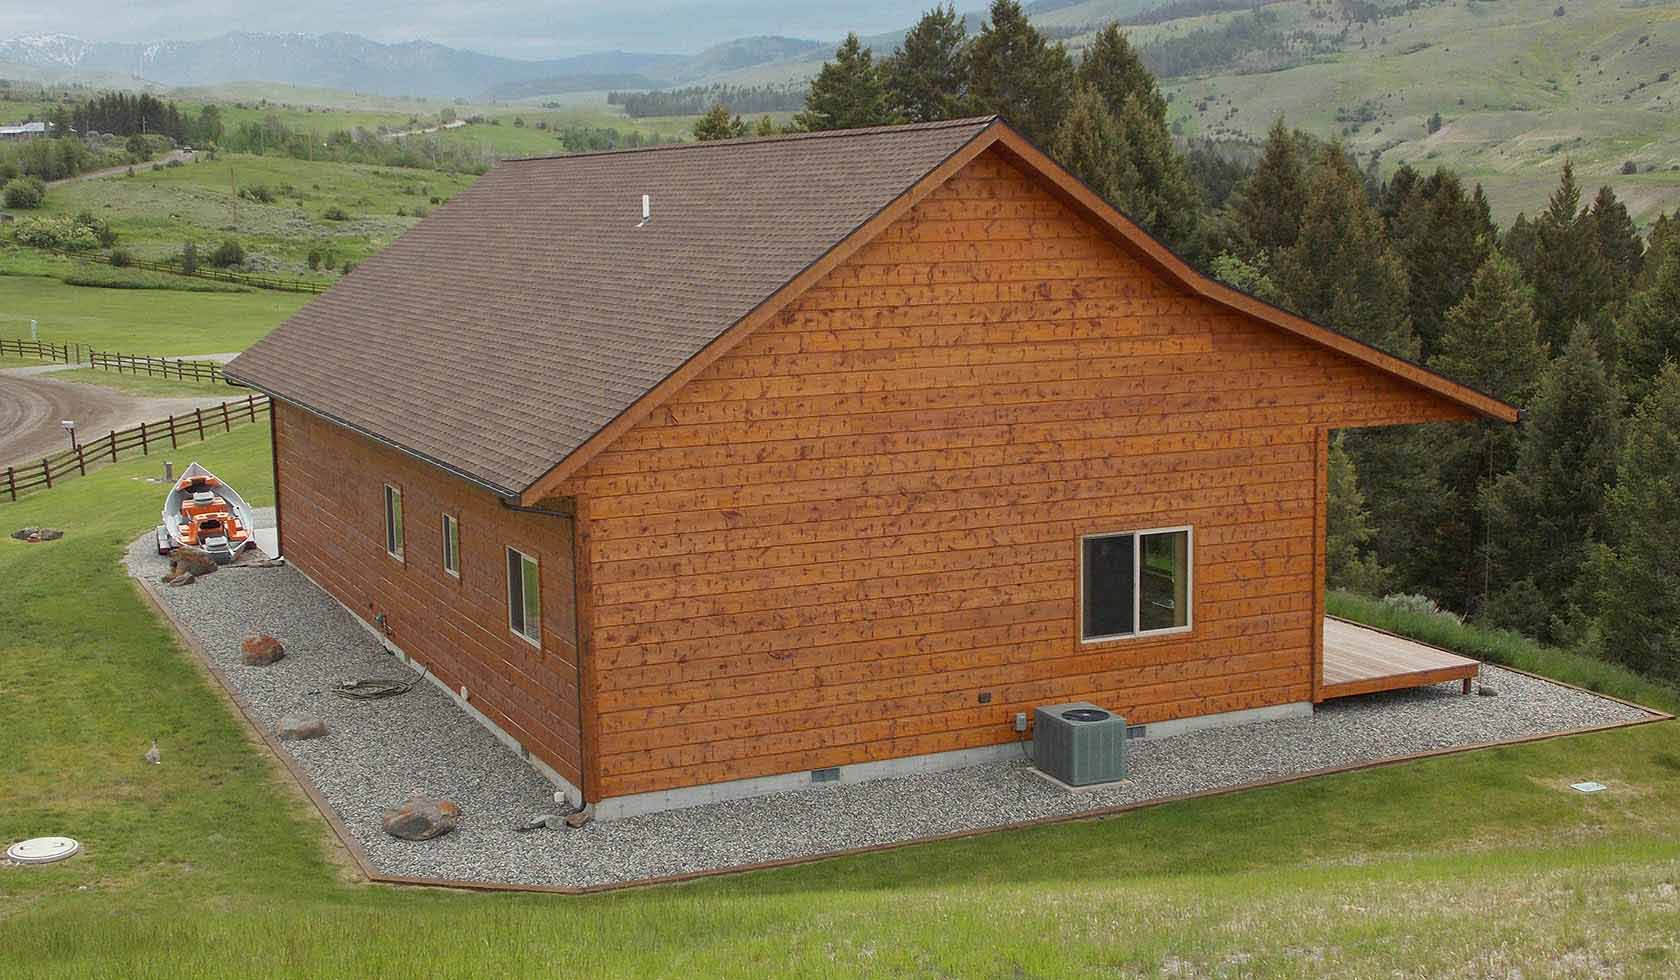 Lion's Ledge Guest House profile image